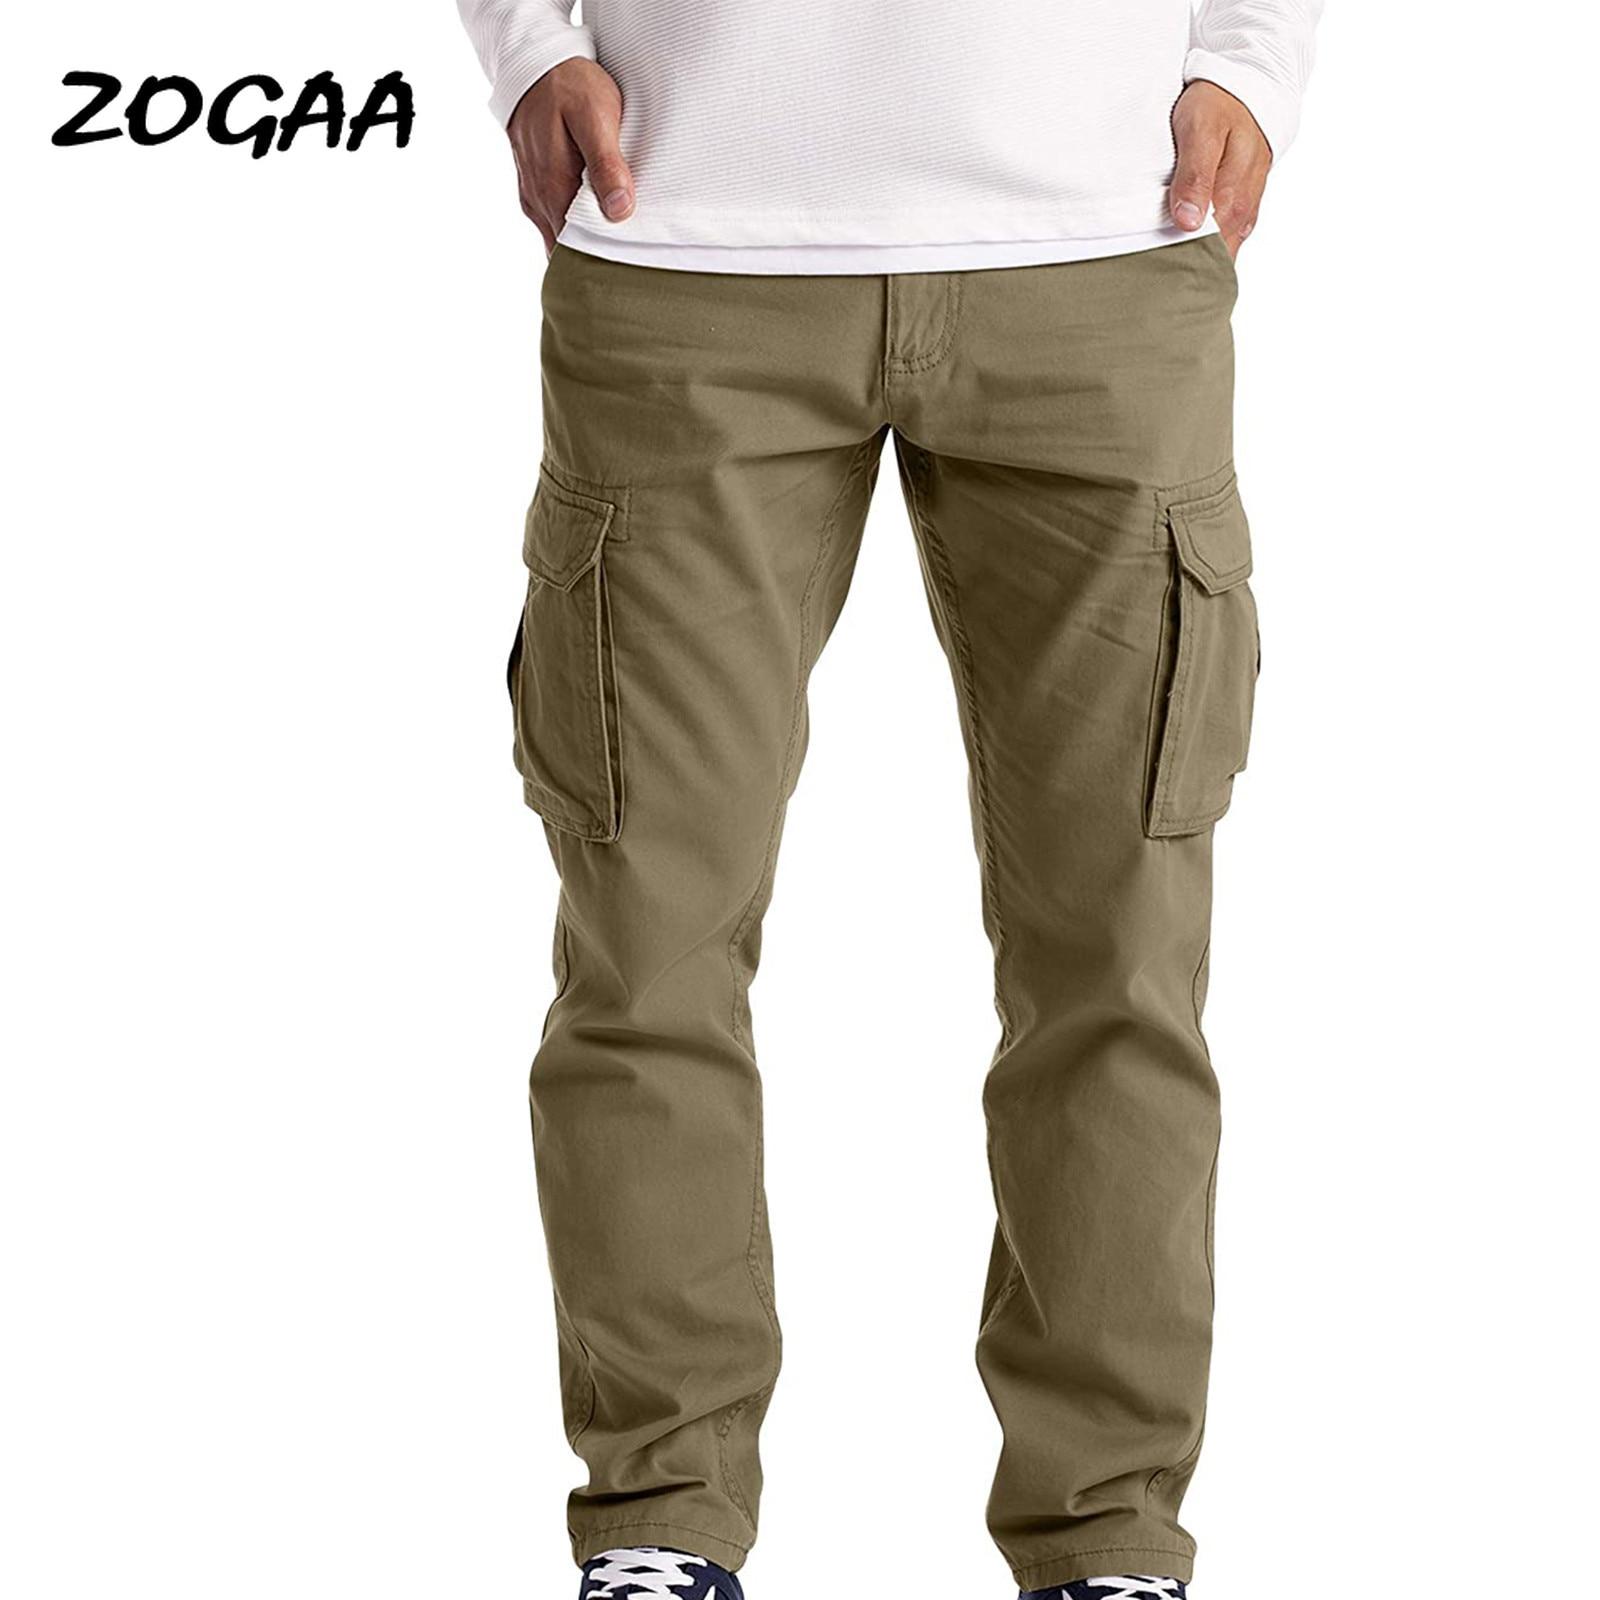 Мужские Брюки с карманами ZOGAA, повседневные Прямые брюки для молодежи, модная свободная уличная одежда, универсальные брюки для молодежи на ...